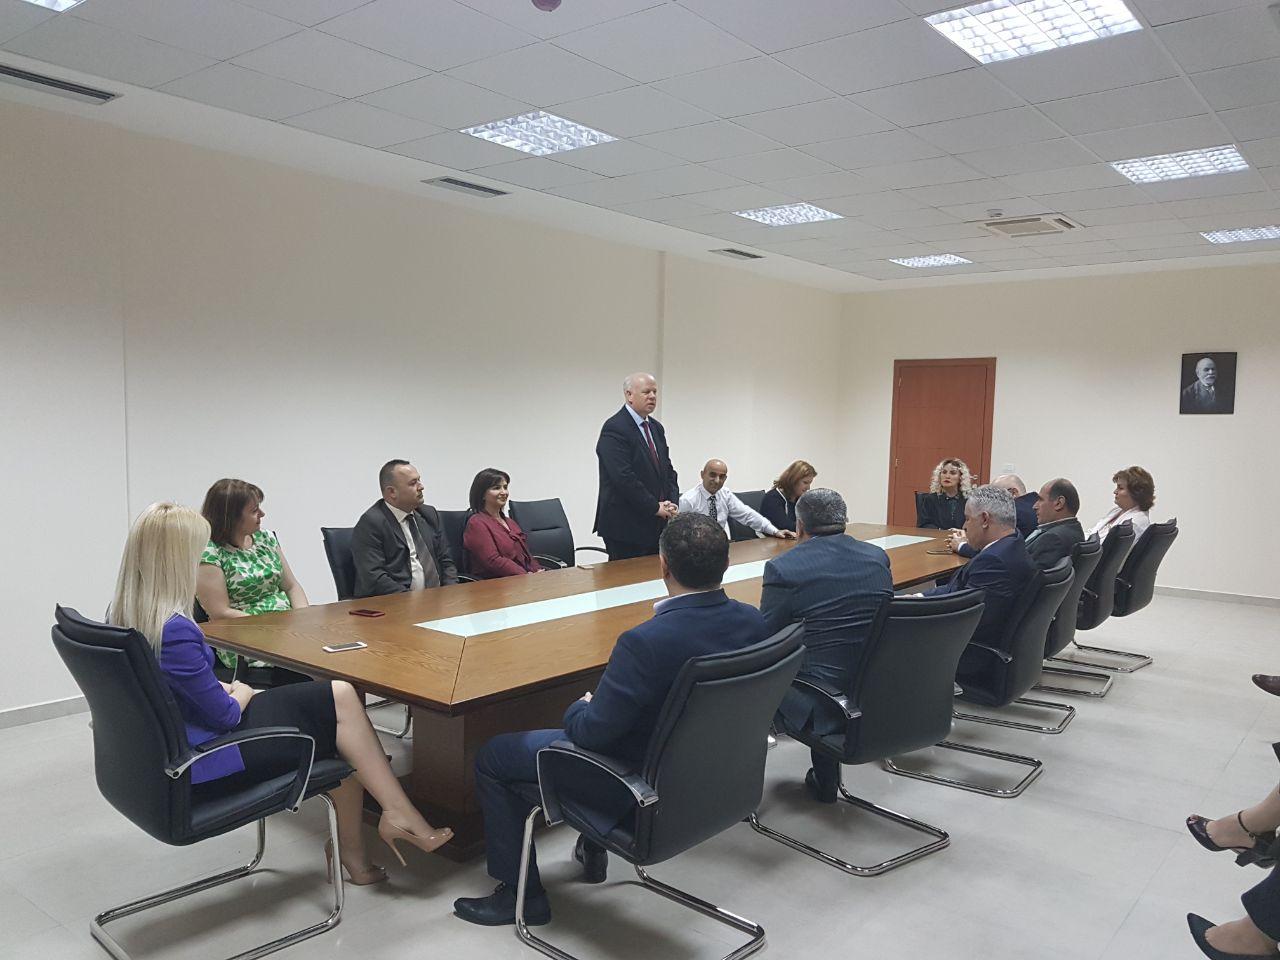 Në kuadër të organizimeve që zhvillohen çdo vit me rastin e 10 Majit, Ditës Kombëtare të Drejtësisë, Kryetari i Gjykatës së Lartë Z. Xhezair Zaganjori, mori pjesë në inaugurimin e godinës së re të Gjykatës së Rrethit Gjyqësor Elbasan.